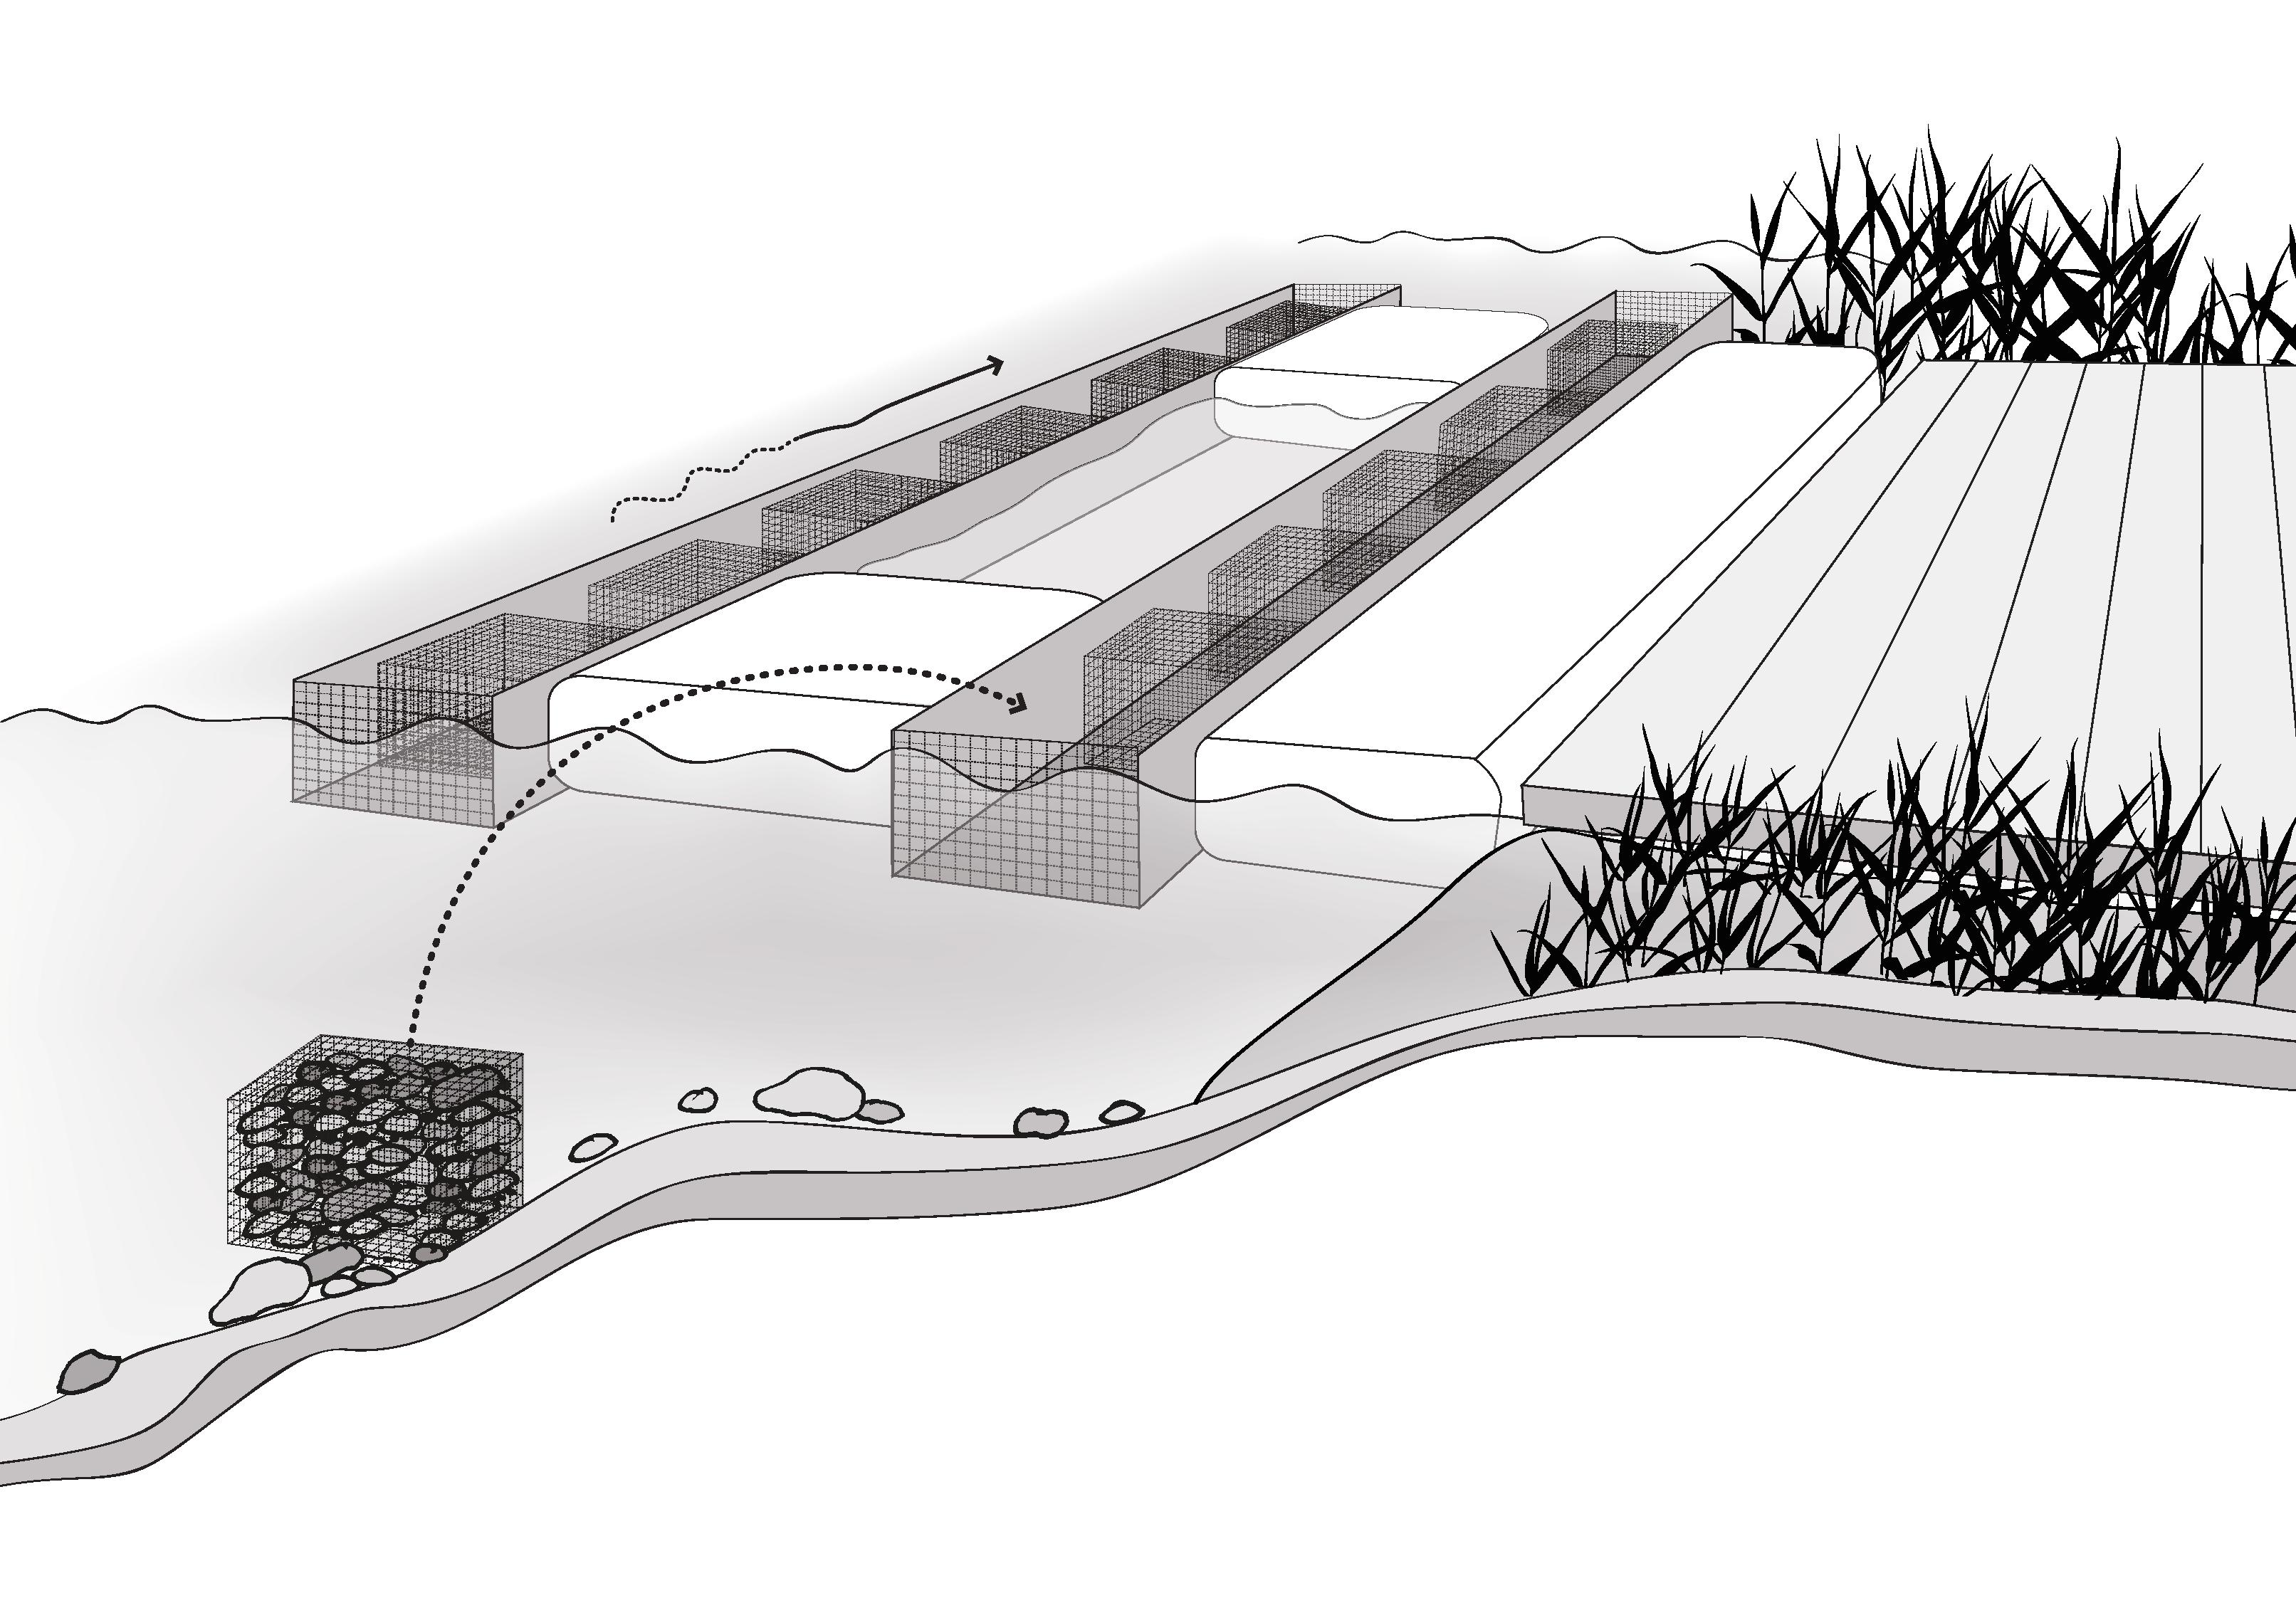 Schema der geplanten Mesokosmosanlage